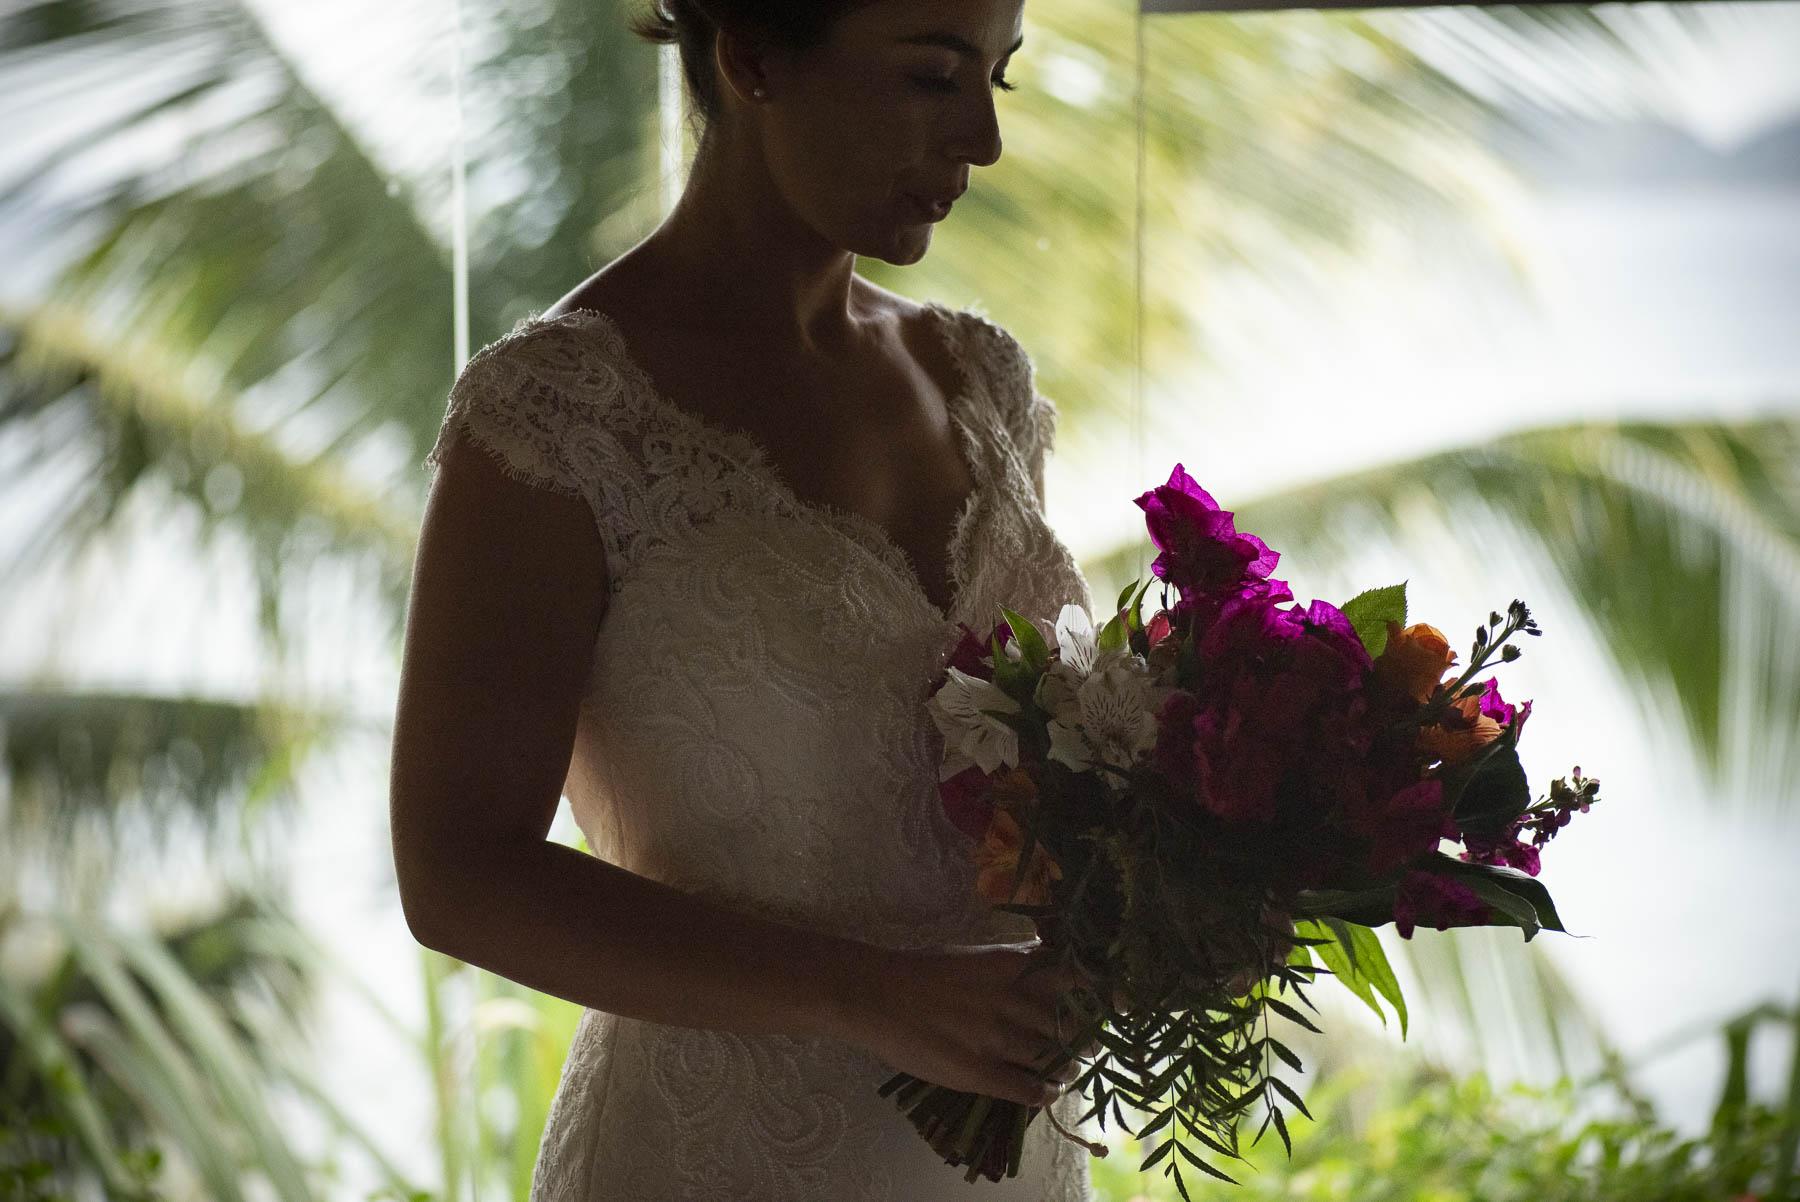 Búzios - Brazil Elopement Bride Photography | La mariée soupire quand elle sait que dans un instant elle sera avec son amour lors de la cérémonie